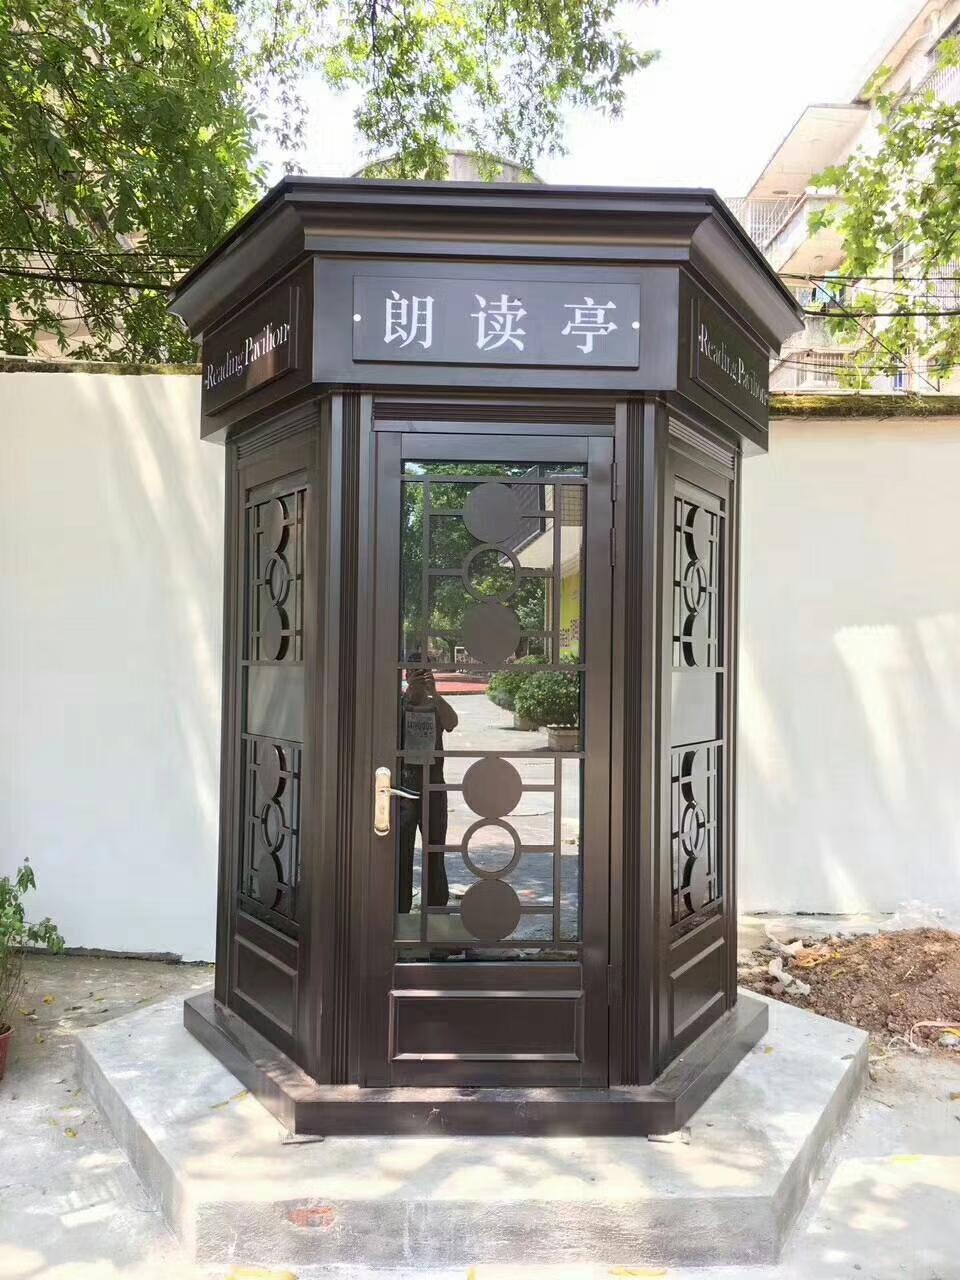 电话亭专业供货商|郑州电话亭厂家